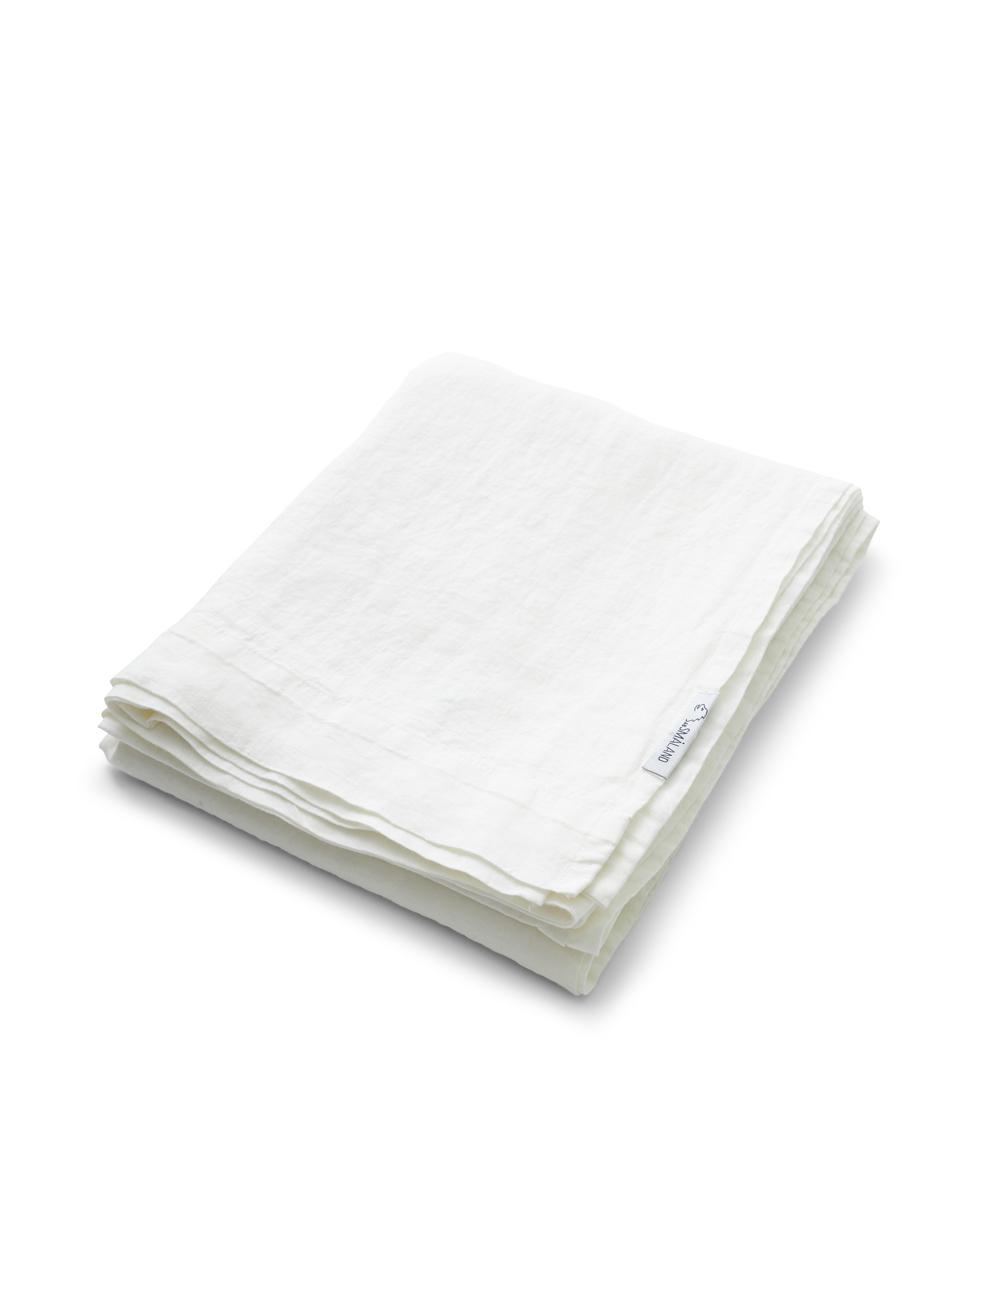 Sheets Linen Optical White